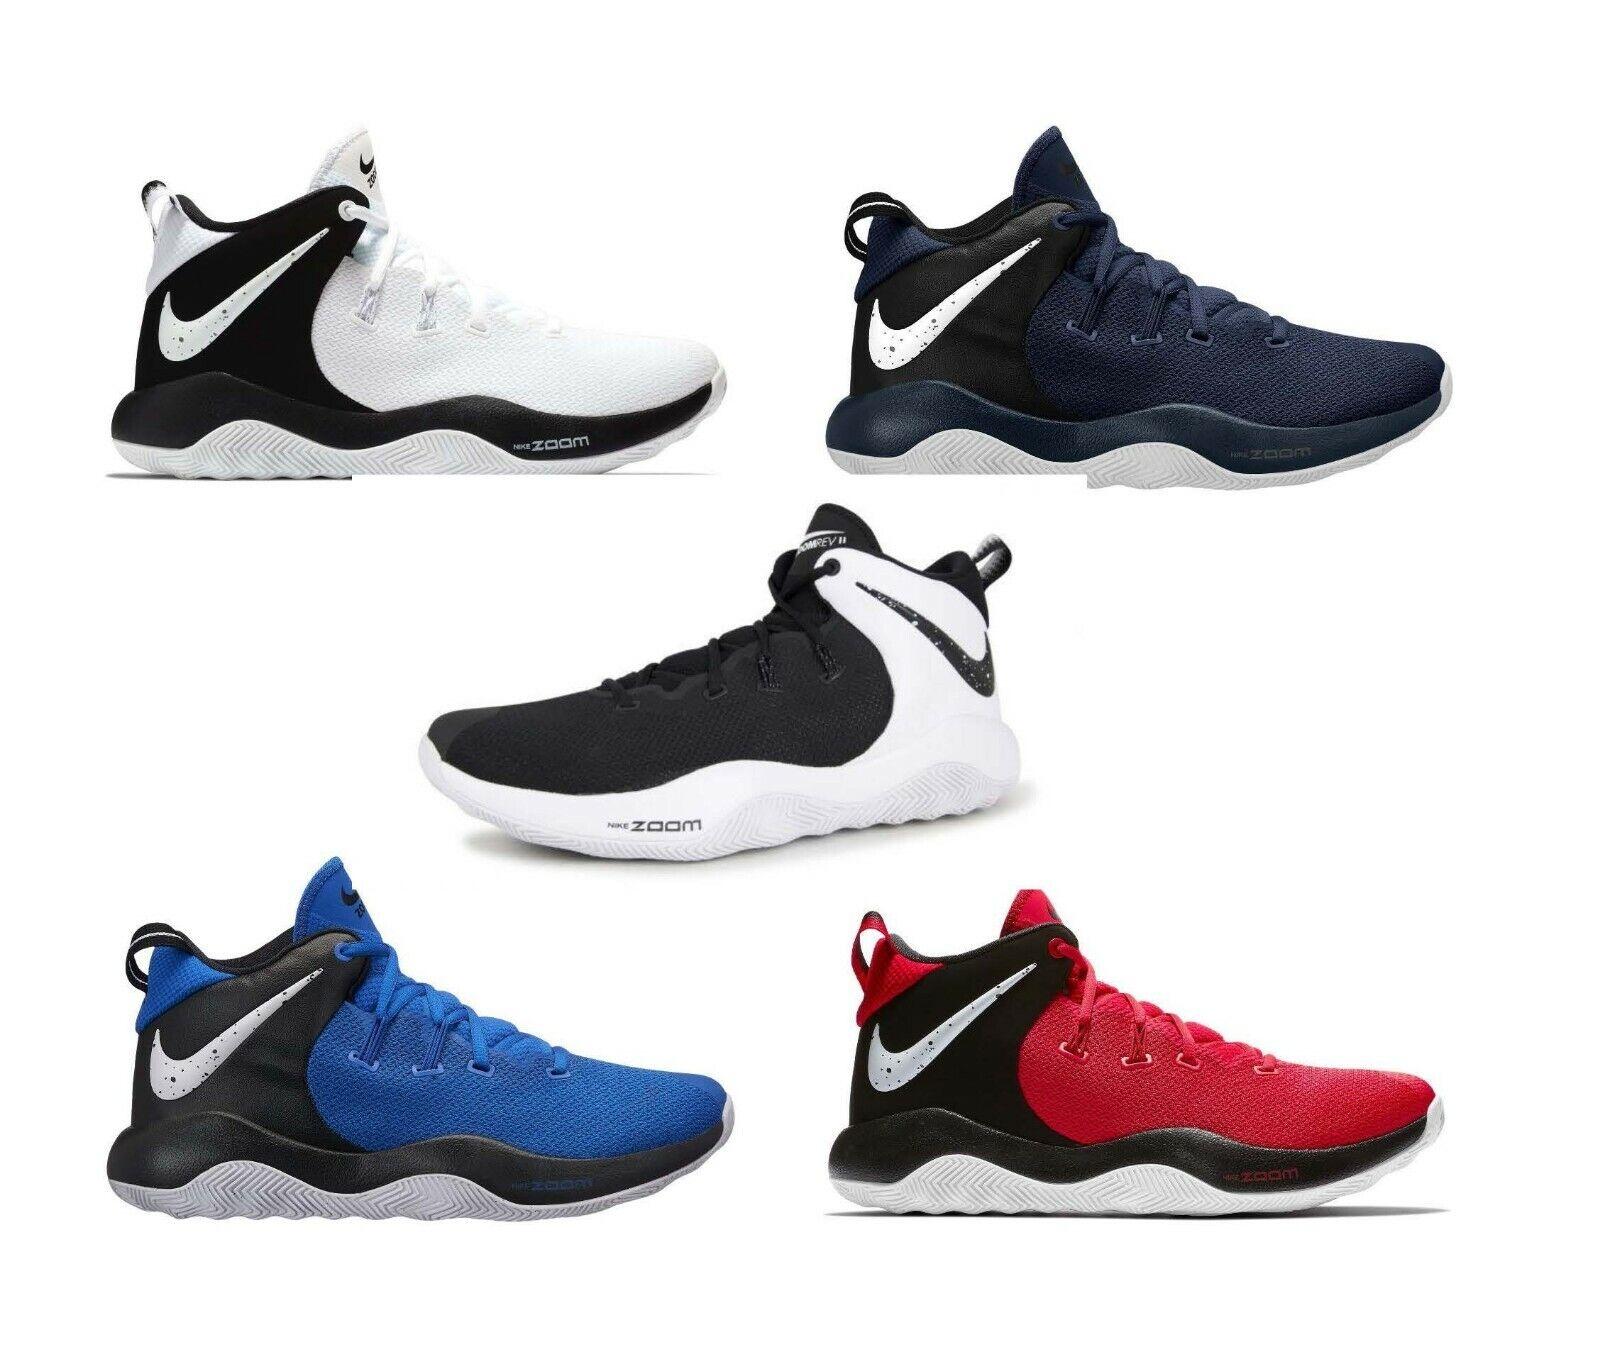 Nike Zoom Rev II TB A05386